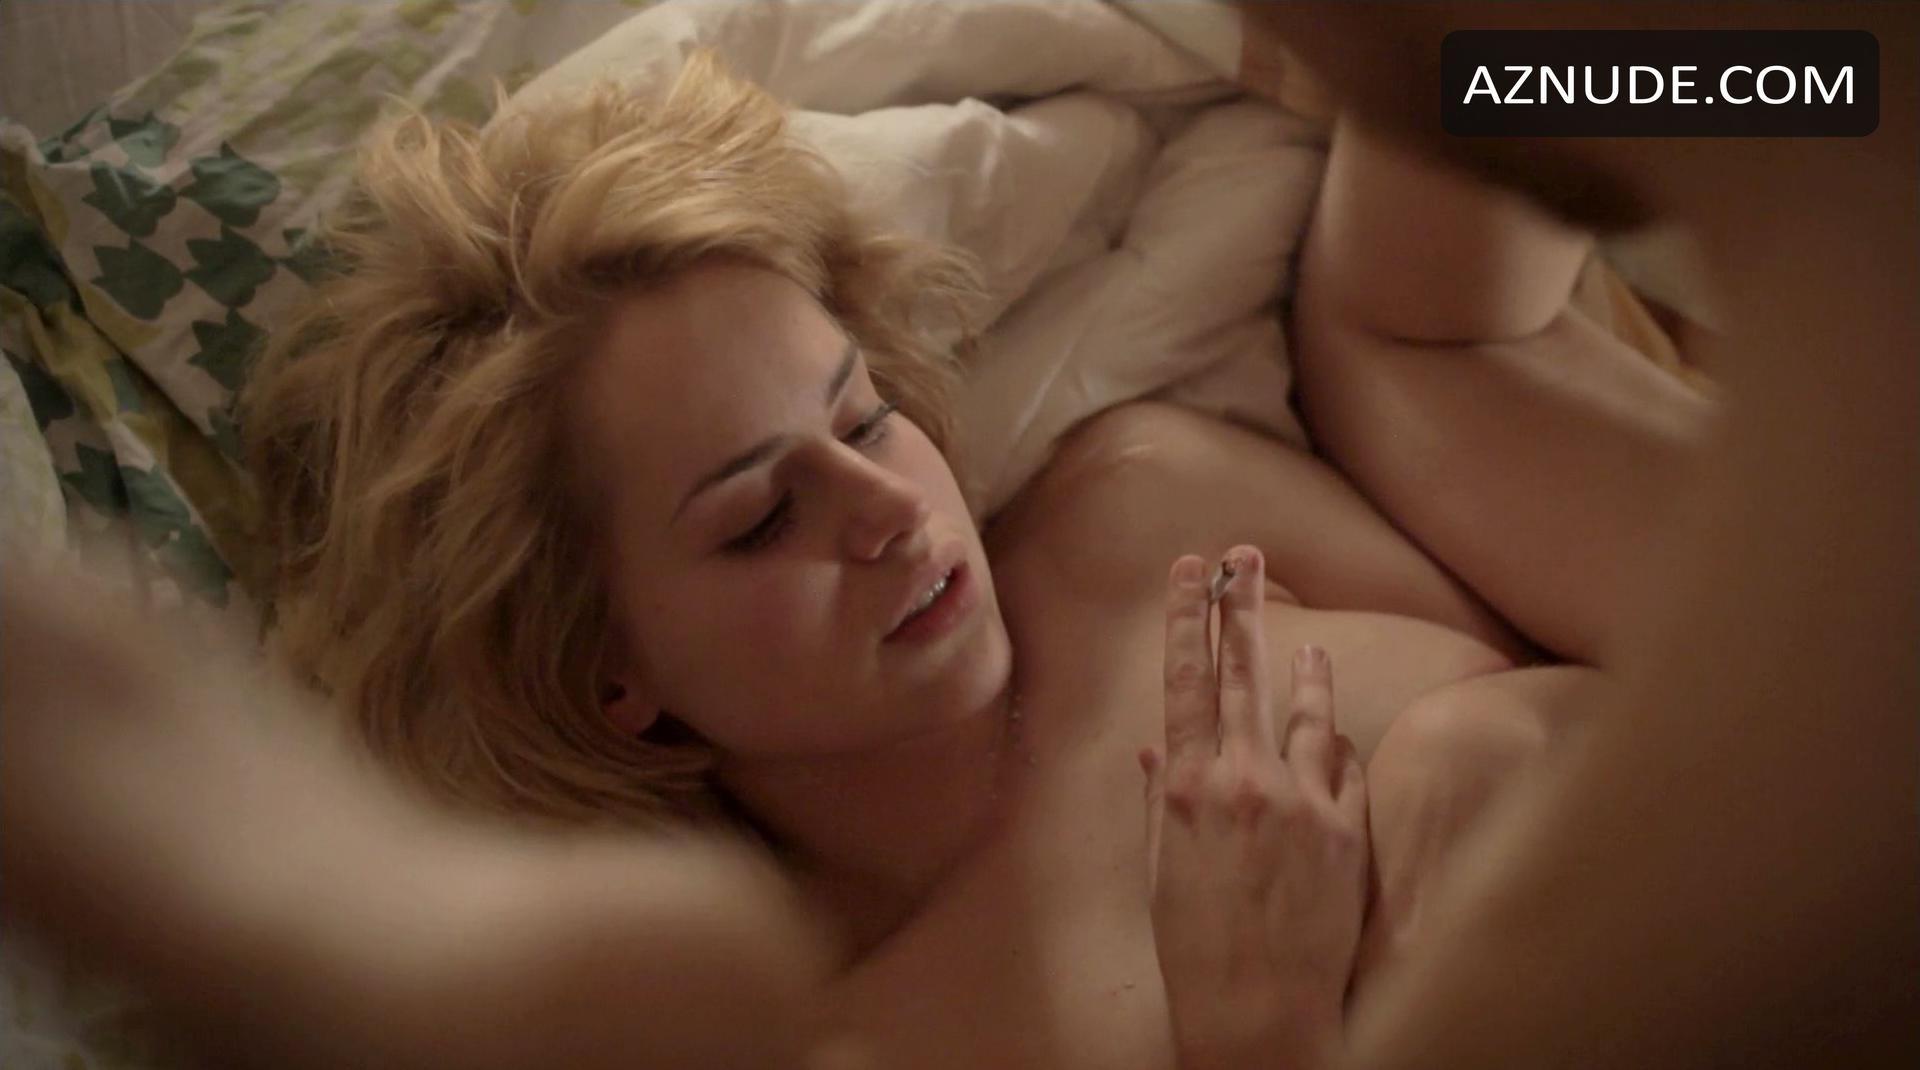 schones anne porno